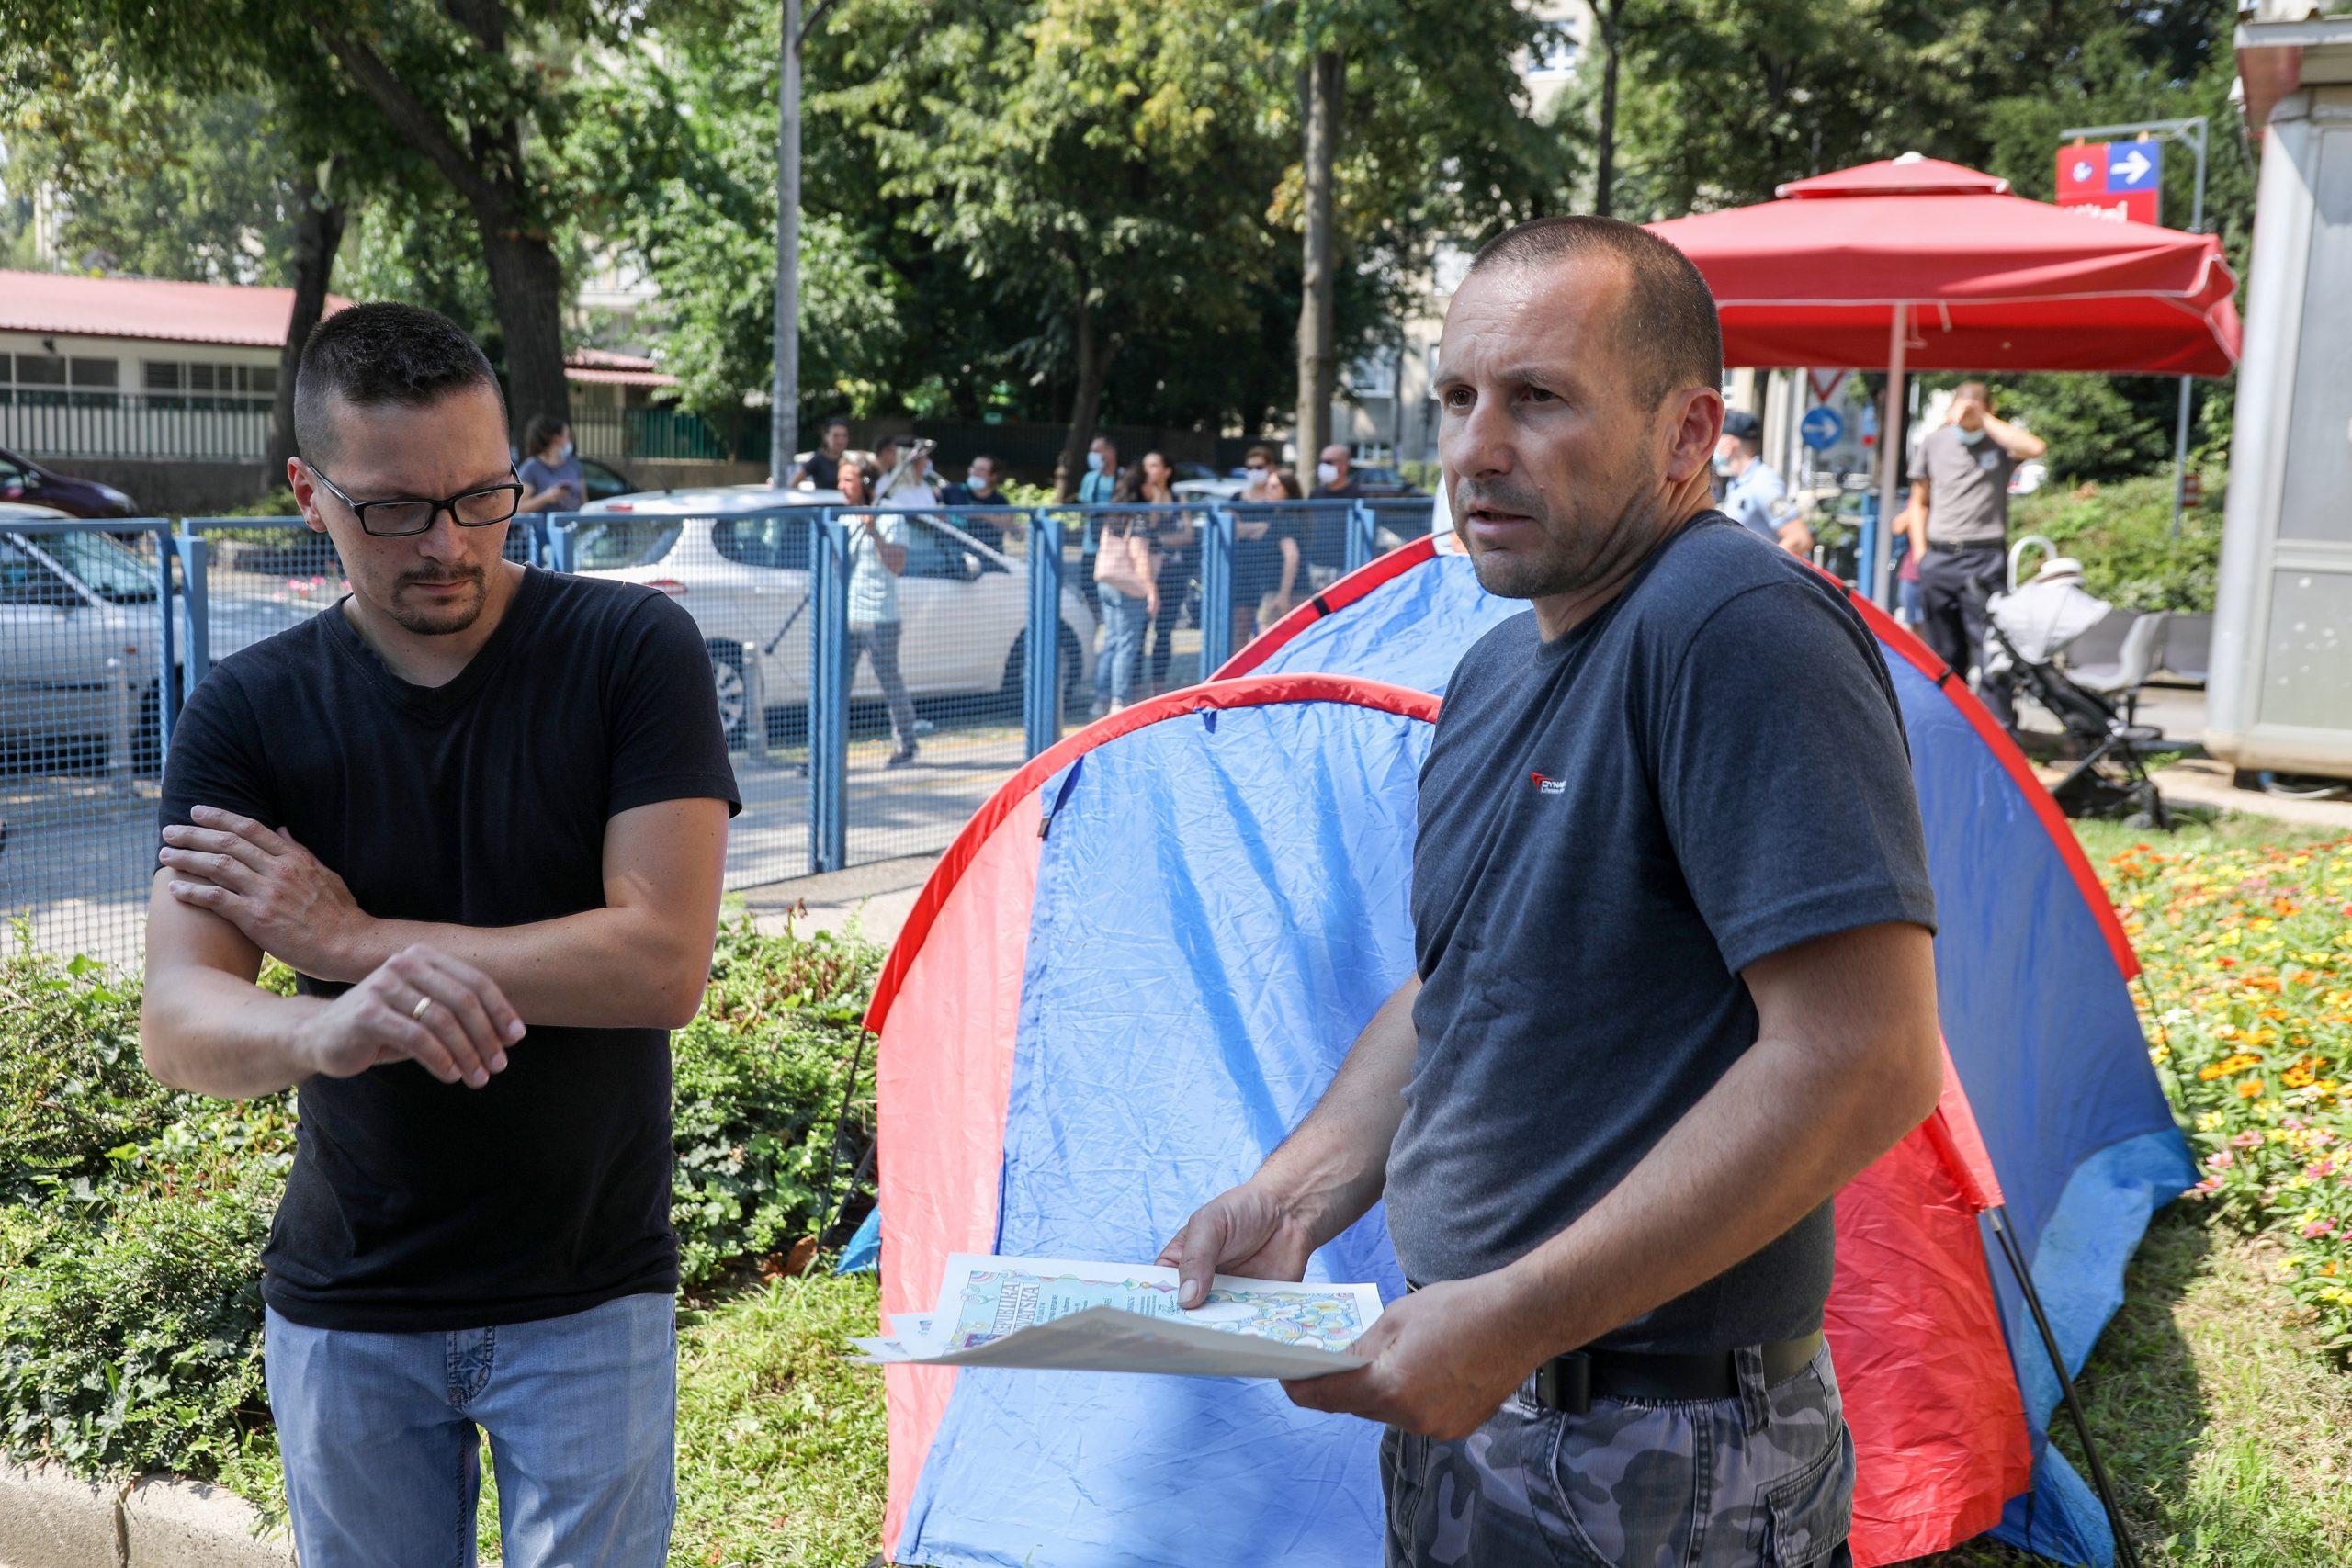 foto: Borna Filic/PIXSELL